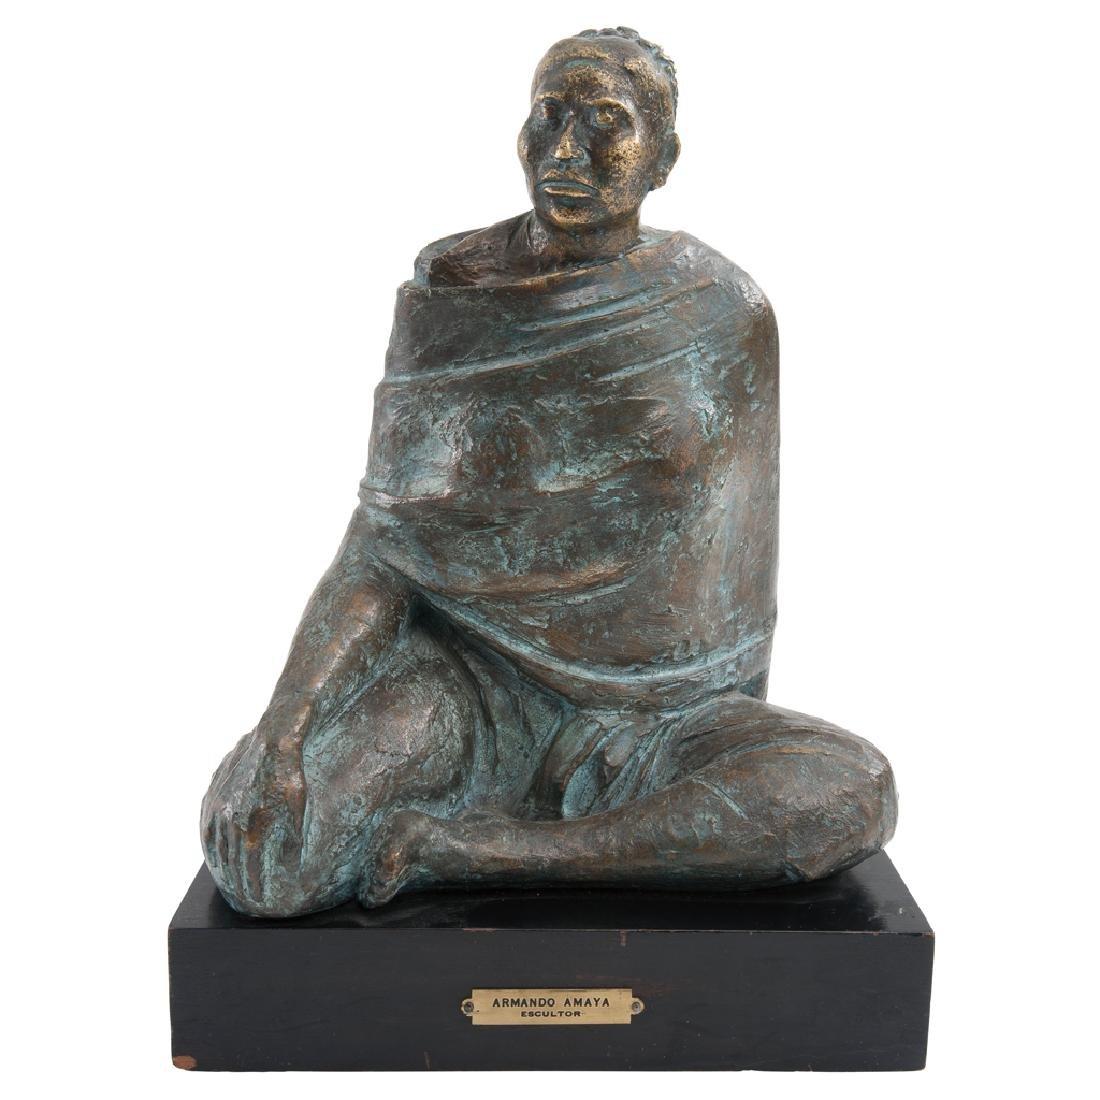 ARMANDO AMAYA, Untitled, Signed and dated 1984, Bronze